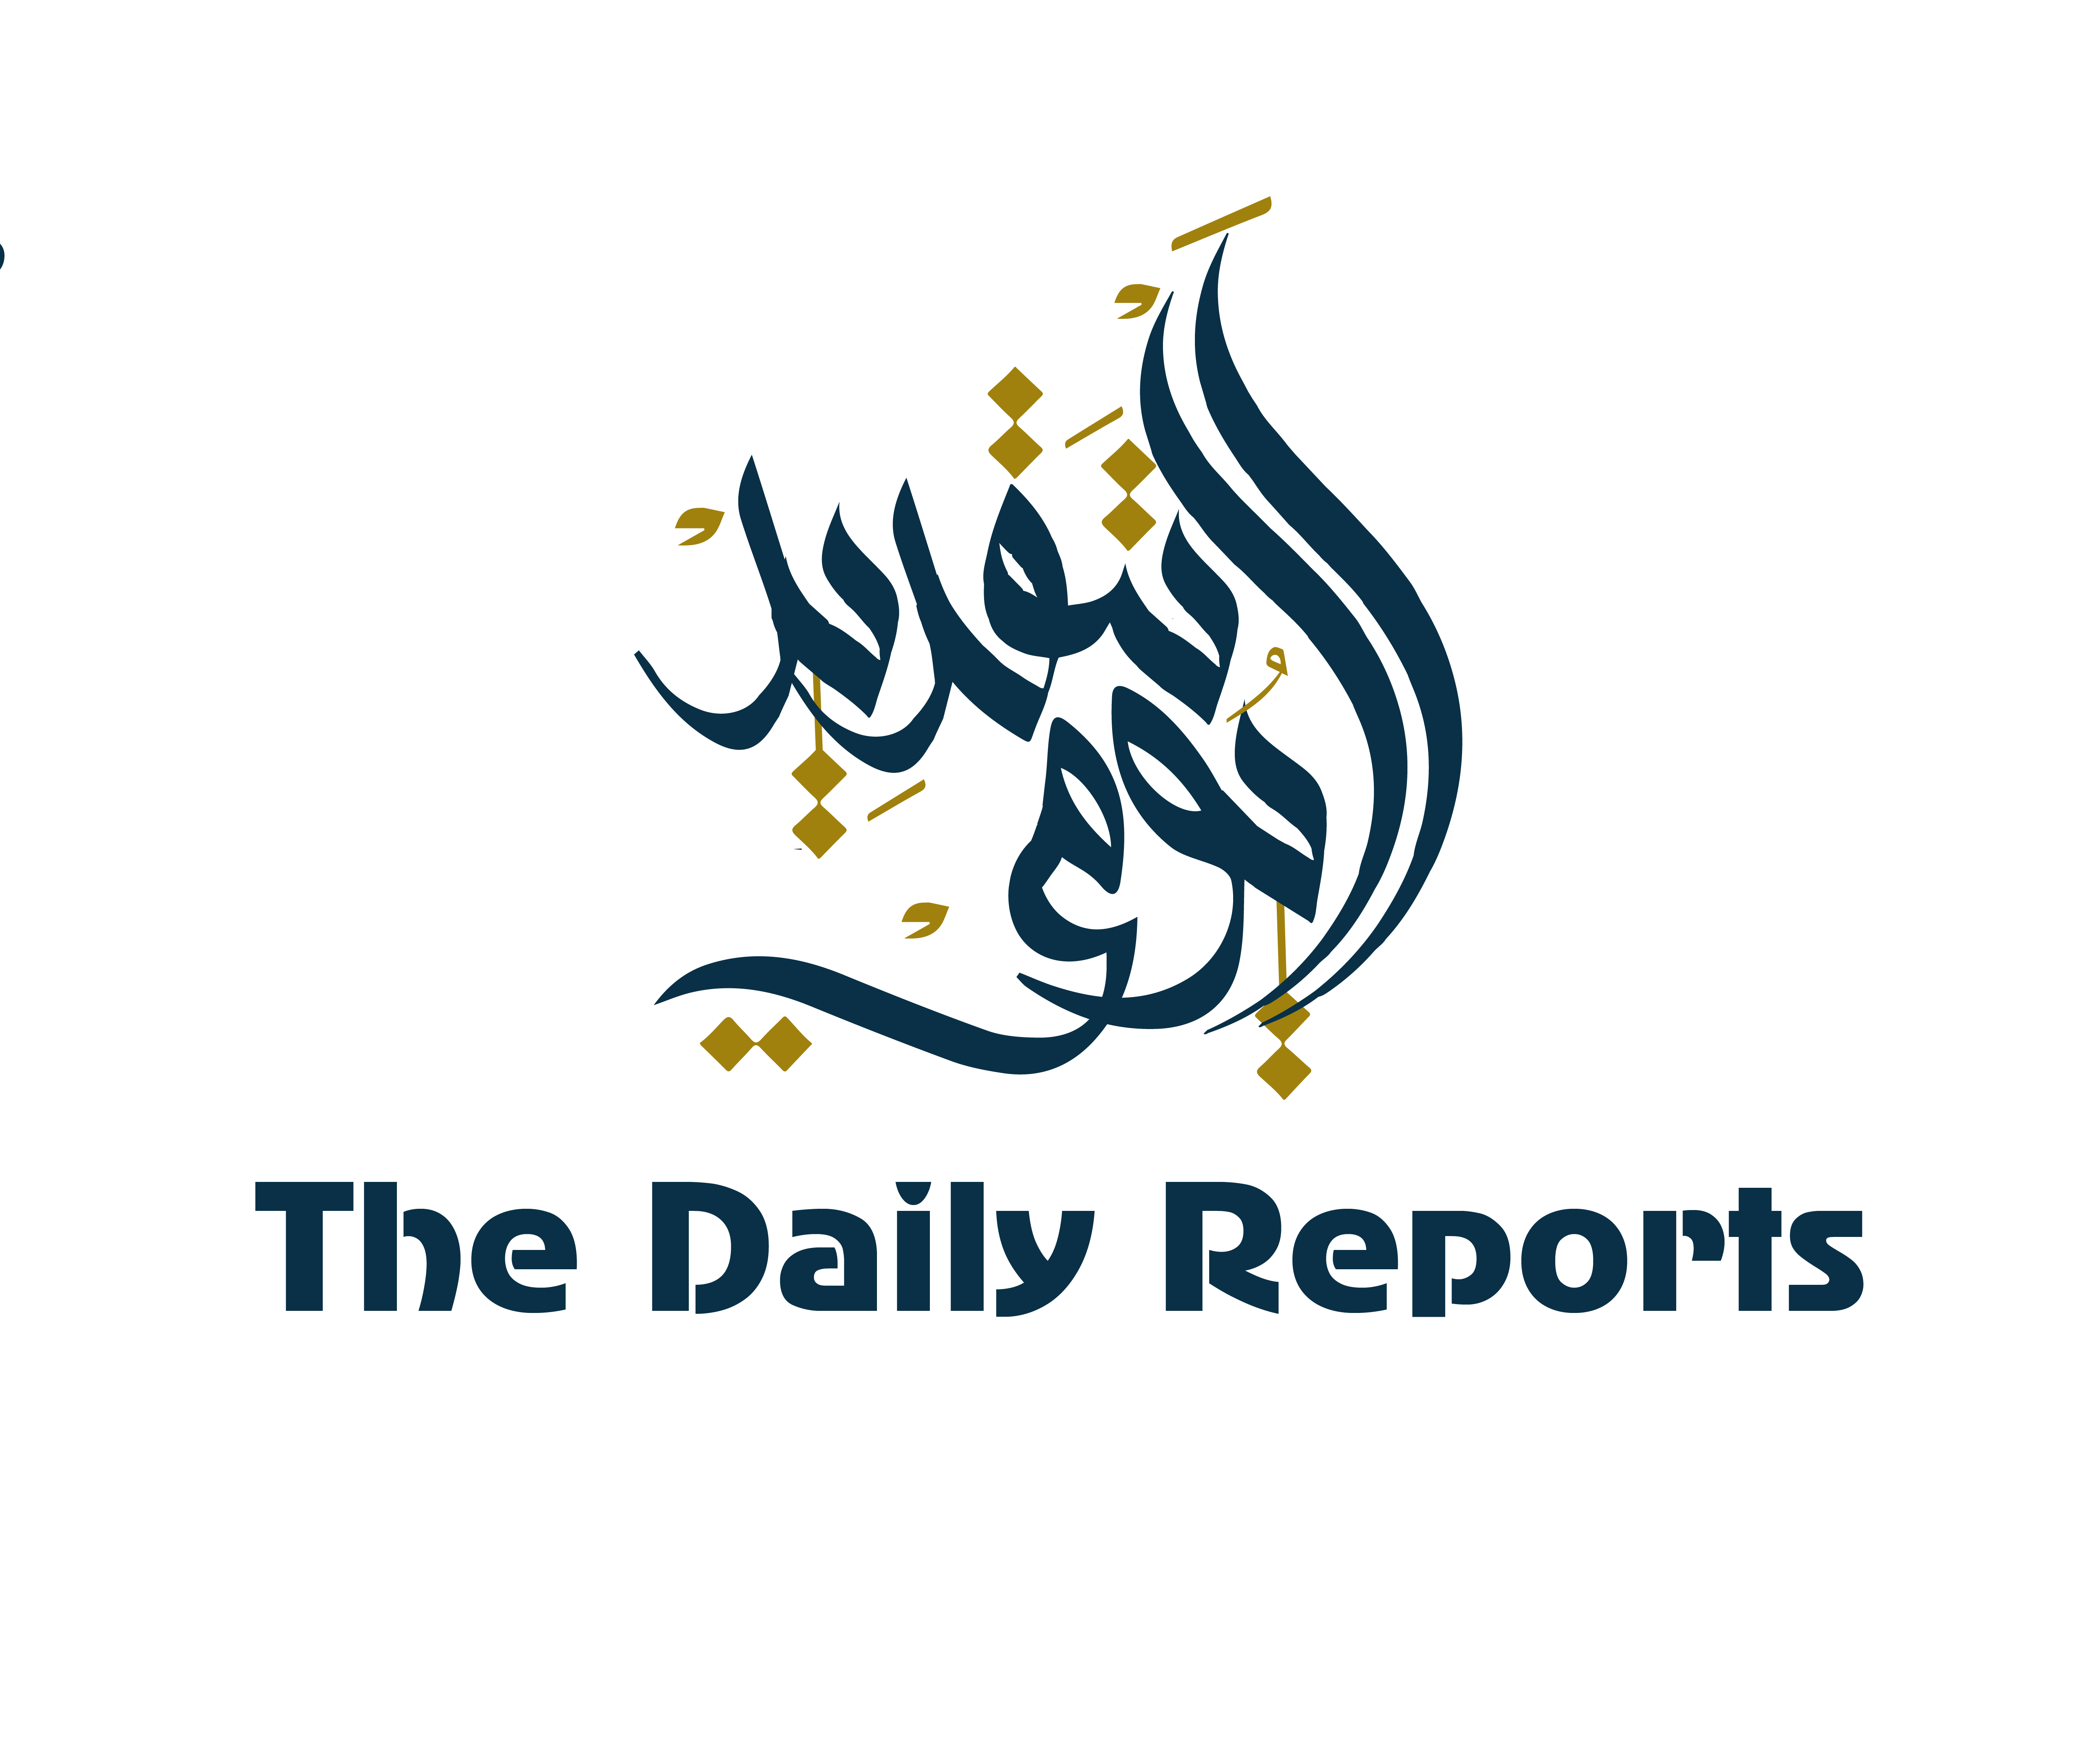 Les Rapports Quotidiens